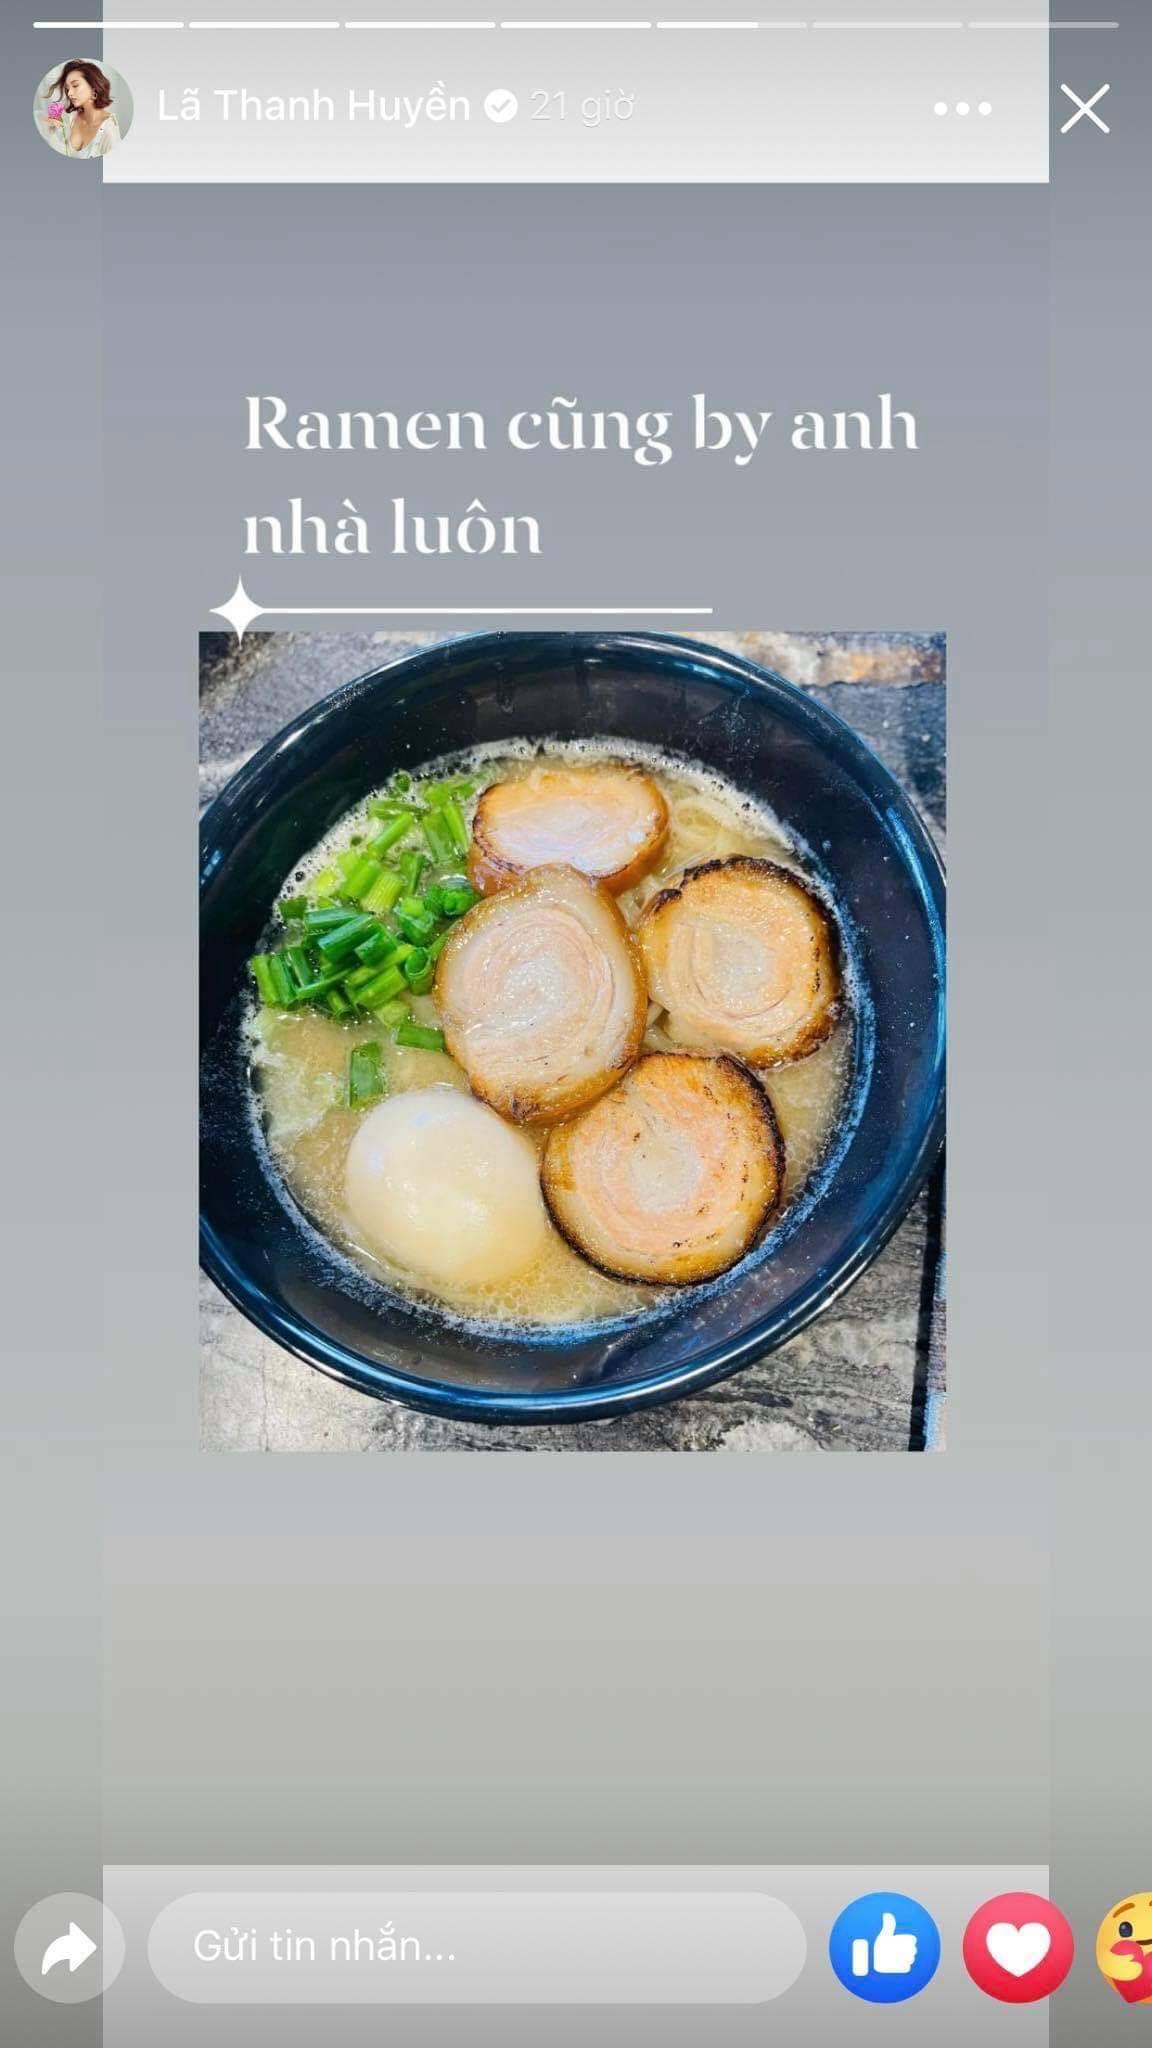 """Lã Thanh Huyền """"số hưởng' khi được ông xã đại gia đích thân vào bếp nấu nướng"""